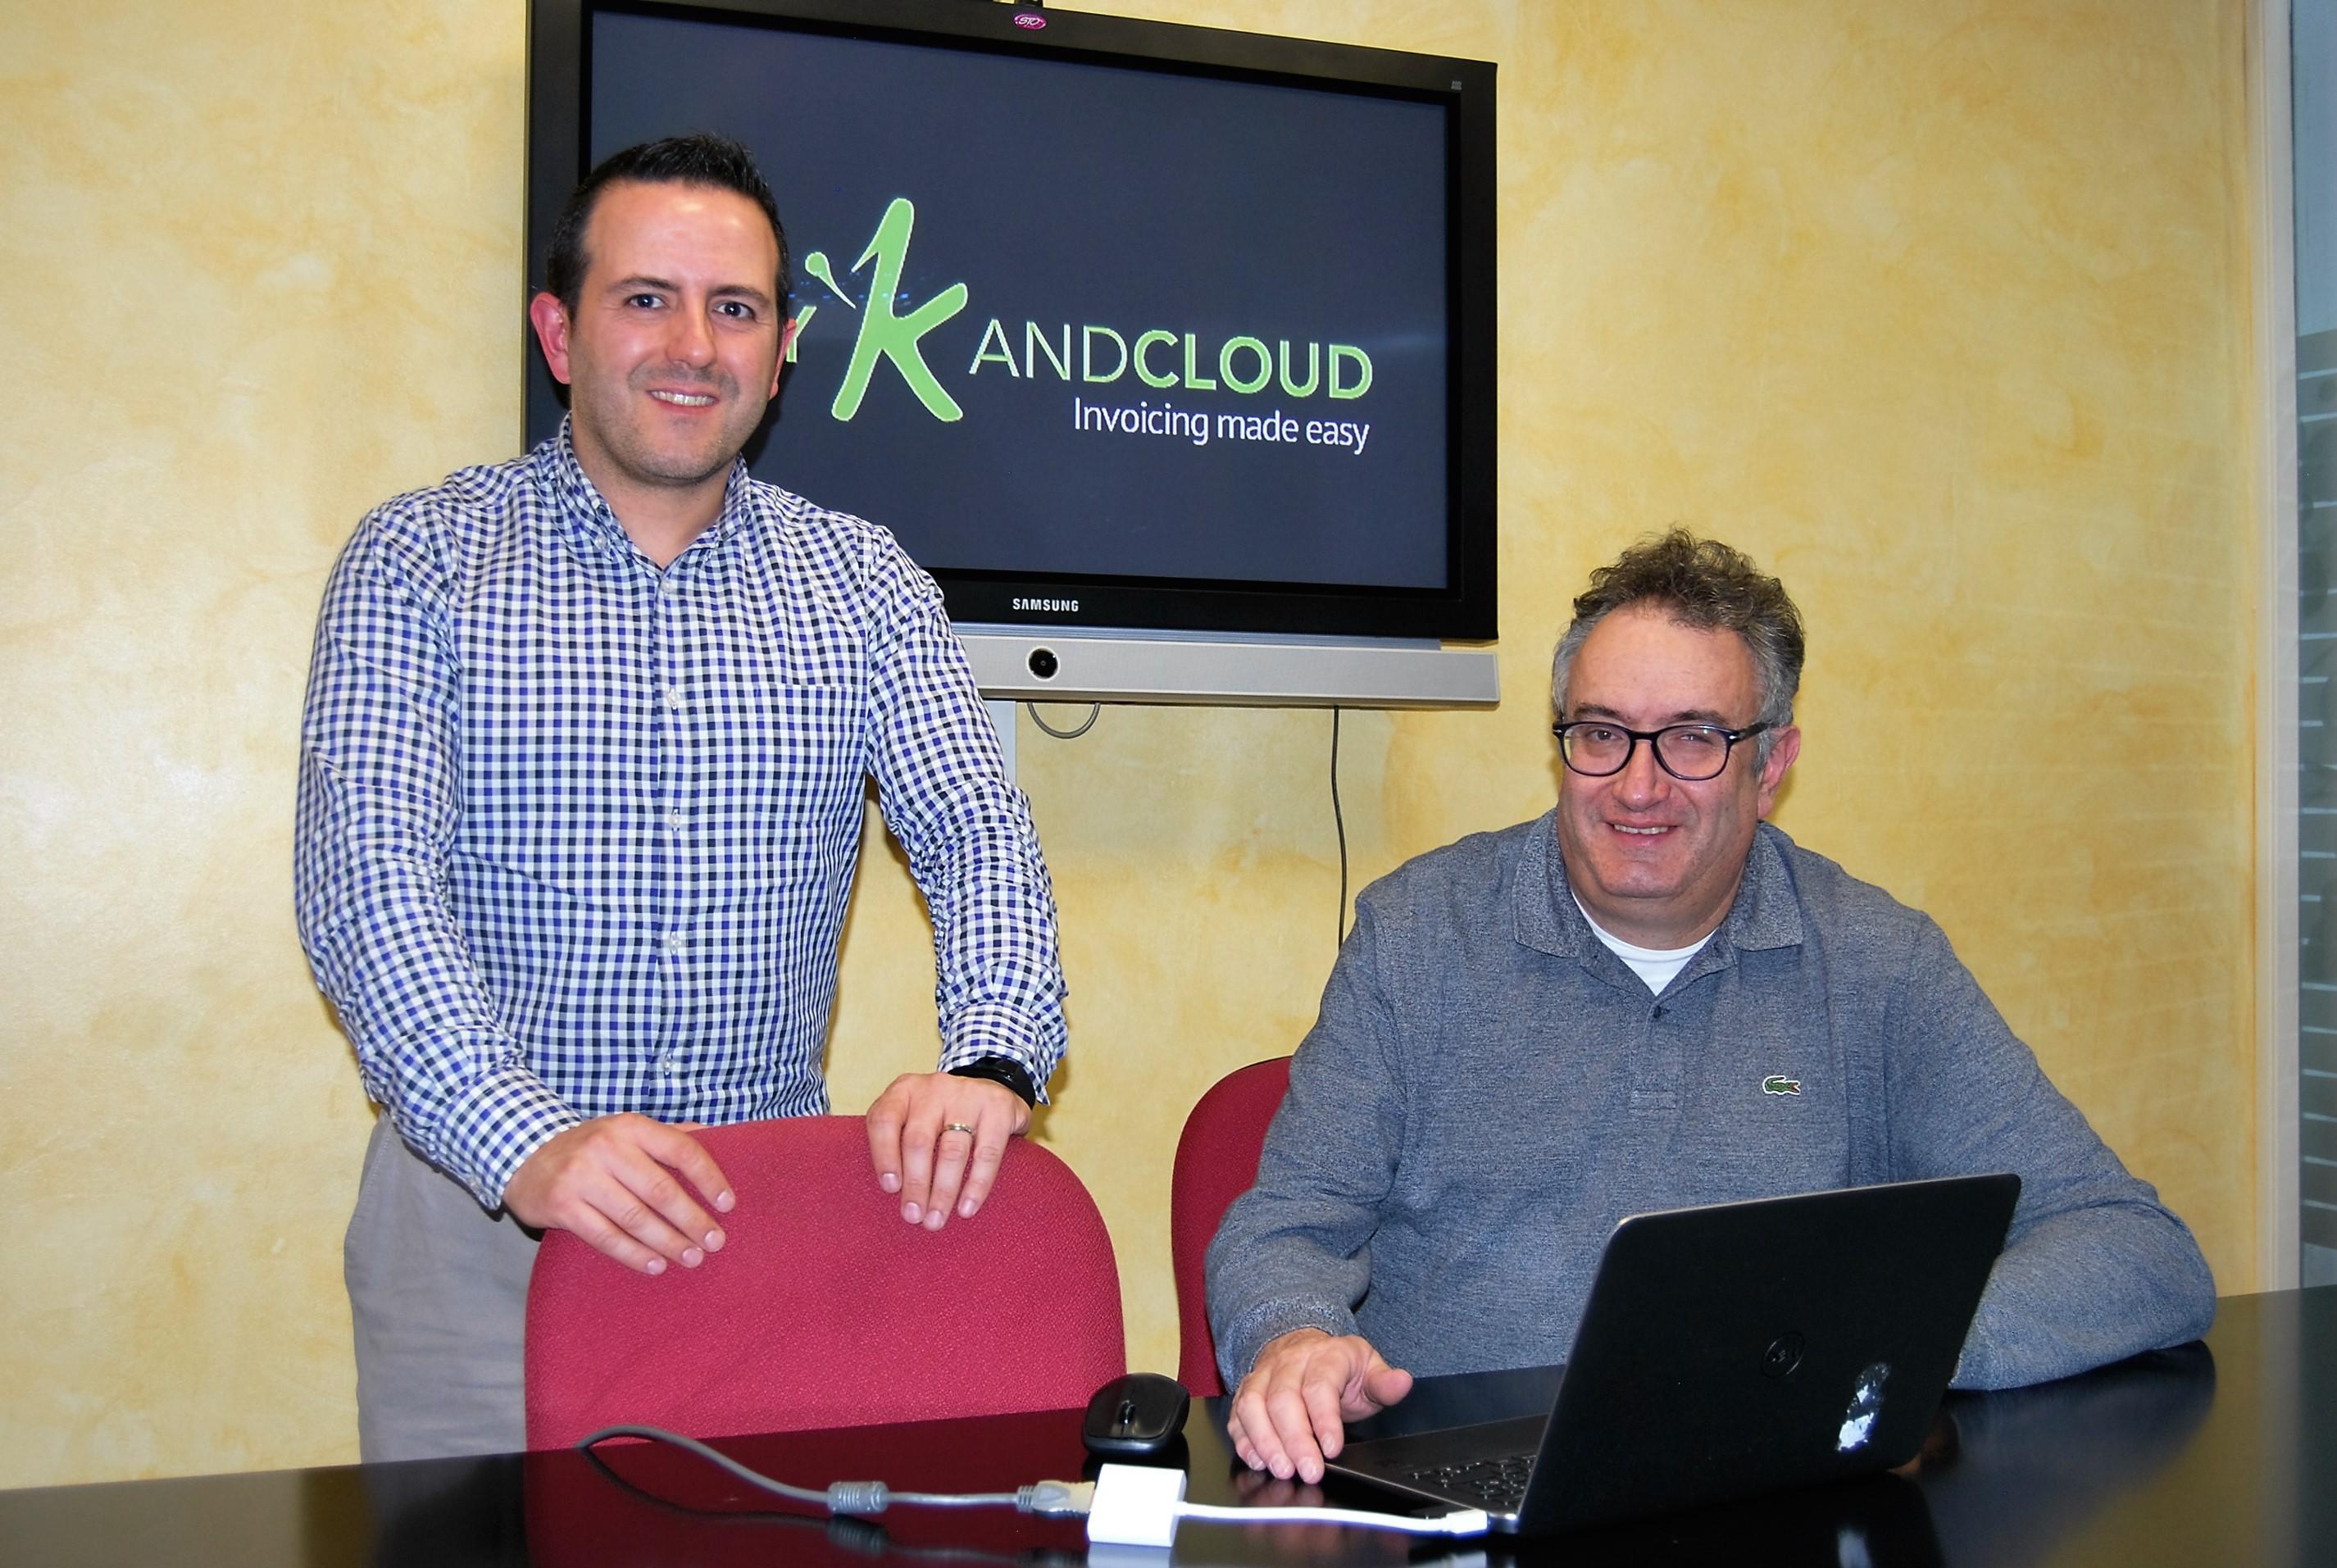 La startup Keyandcloud cierra una ronda de financiación de 200.000 euros